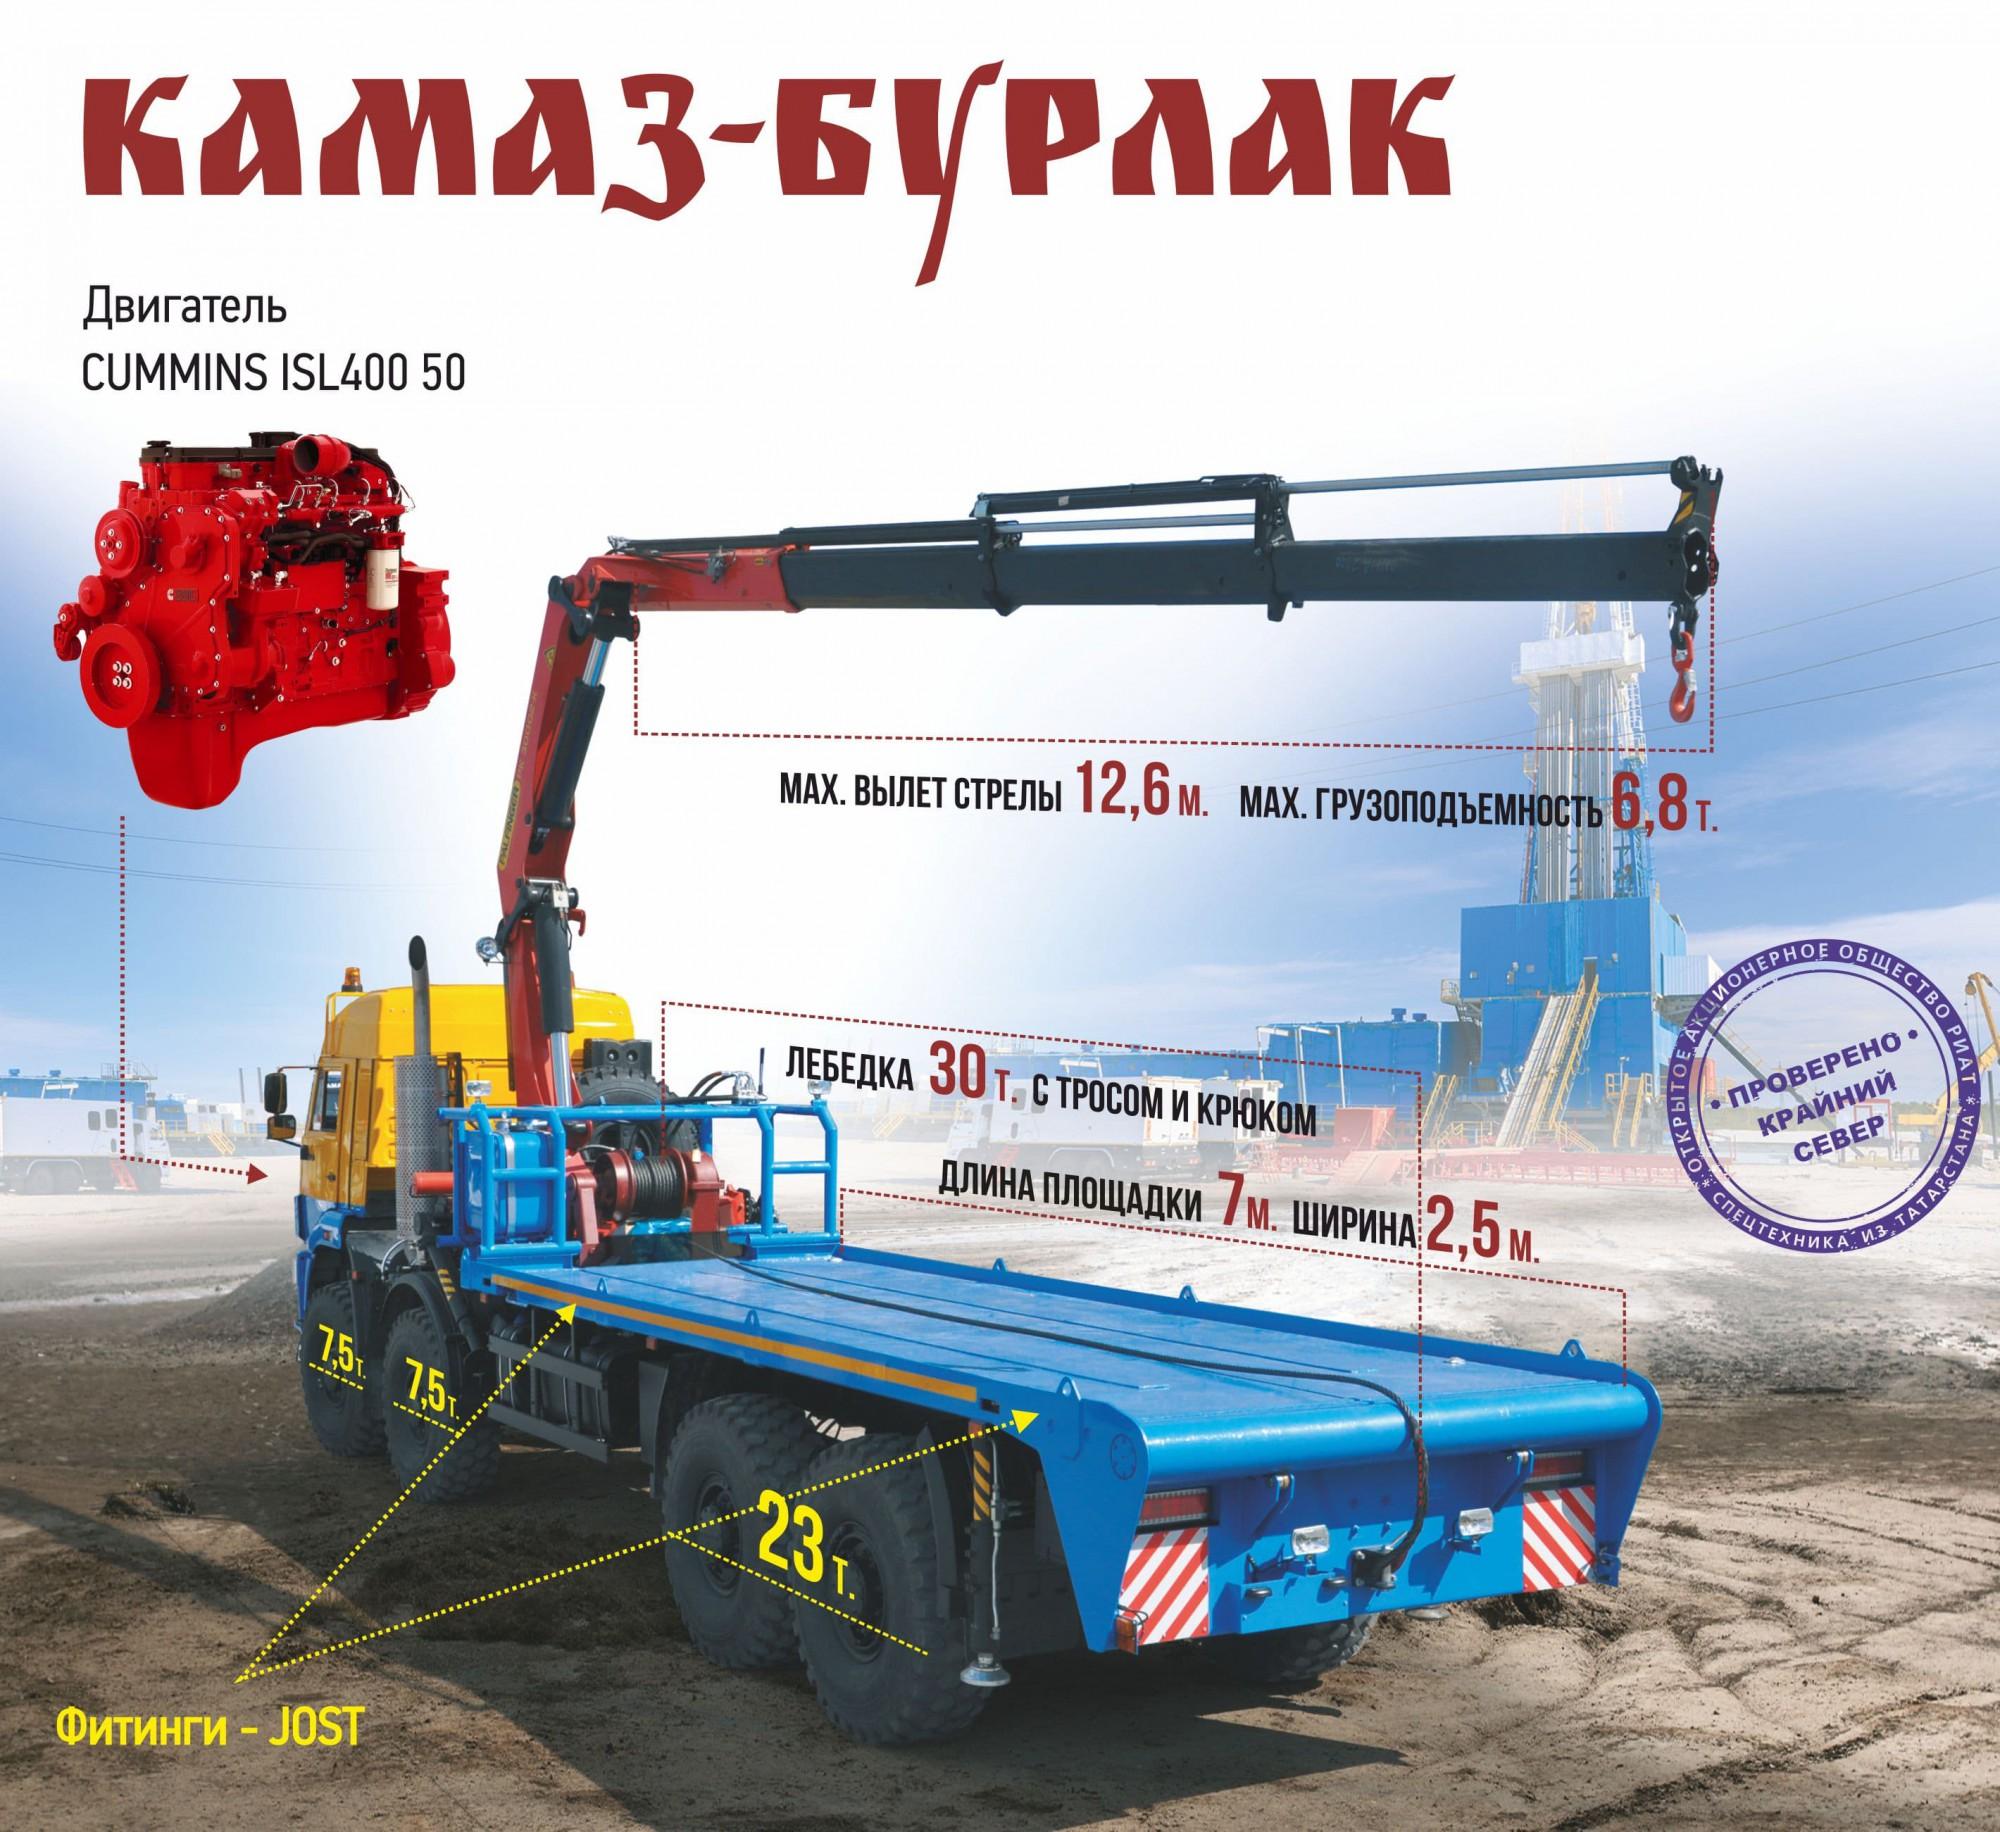 КАМАЗ-Бурлак